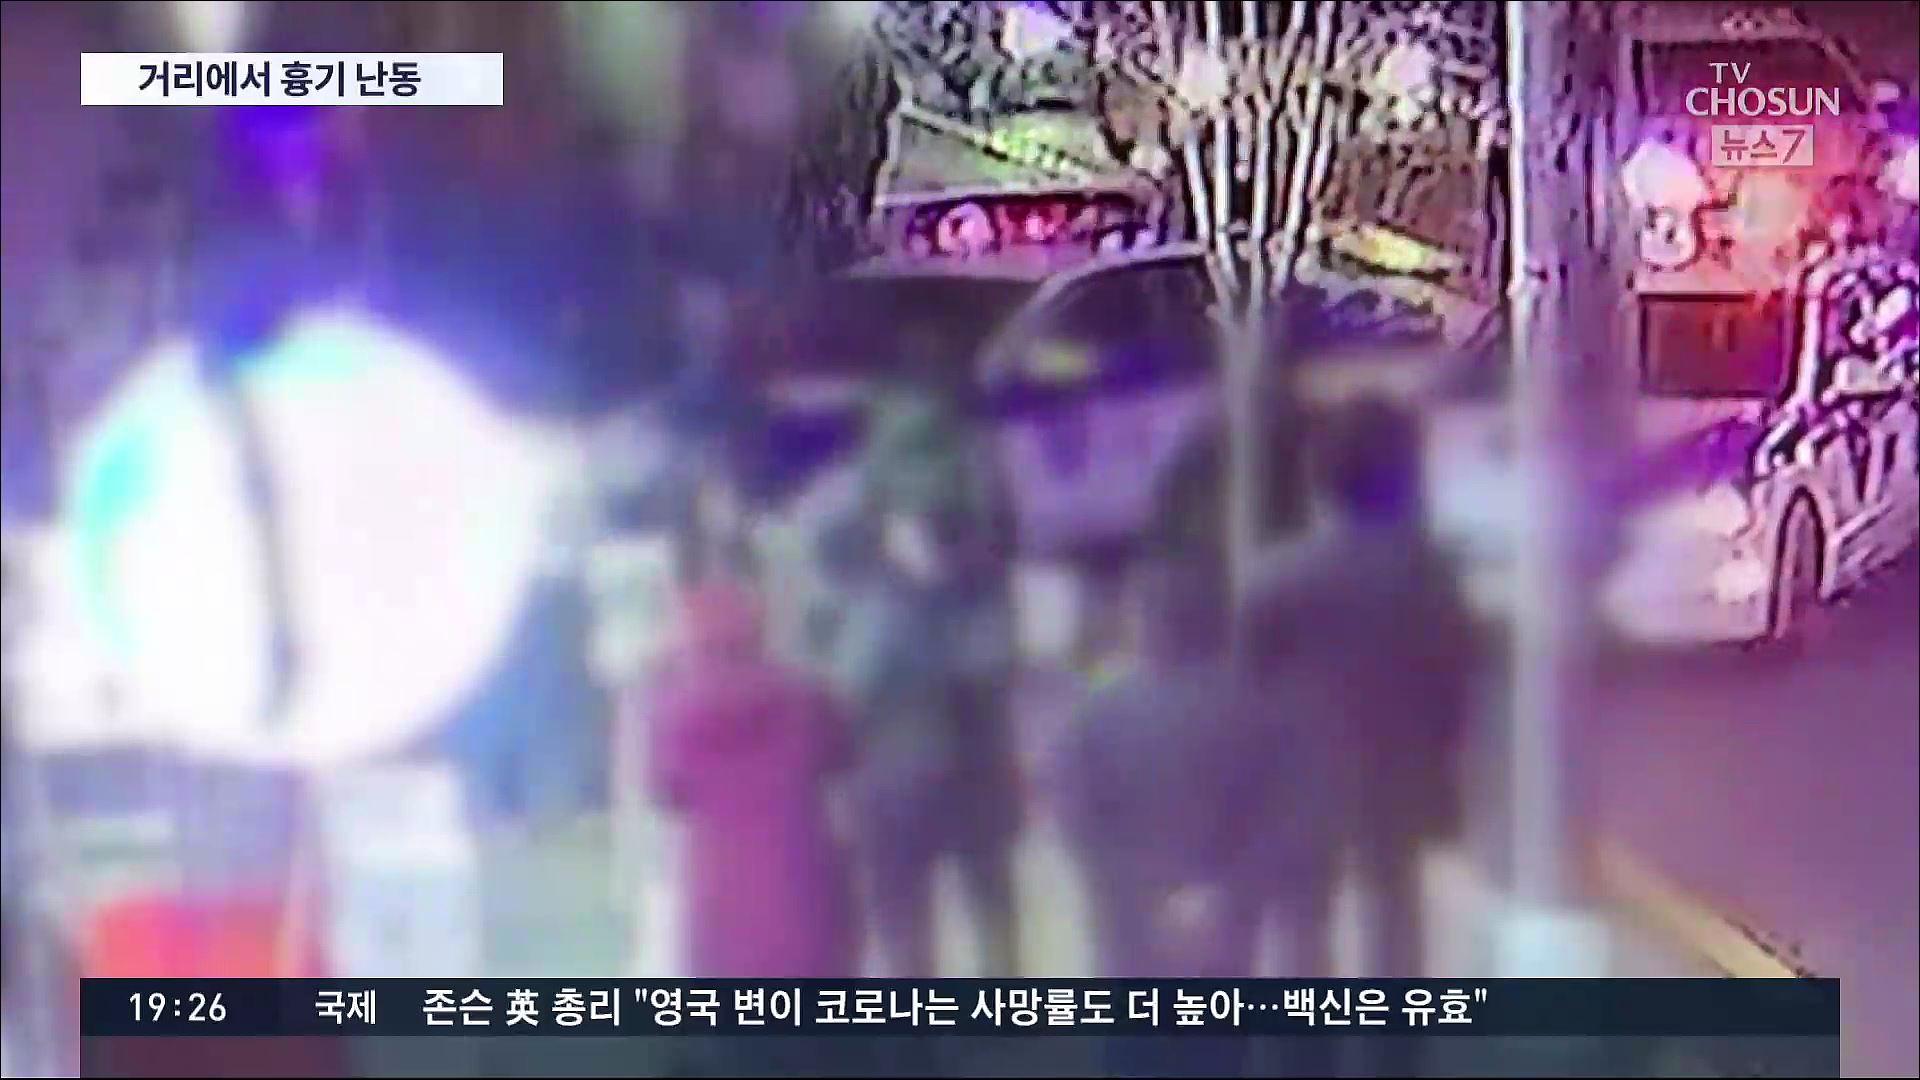 서울 대림동 흉기난동, 남녀 2명 사망…용의자 구로동서 검거